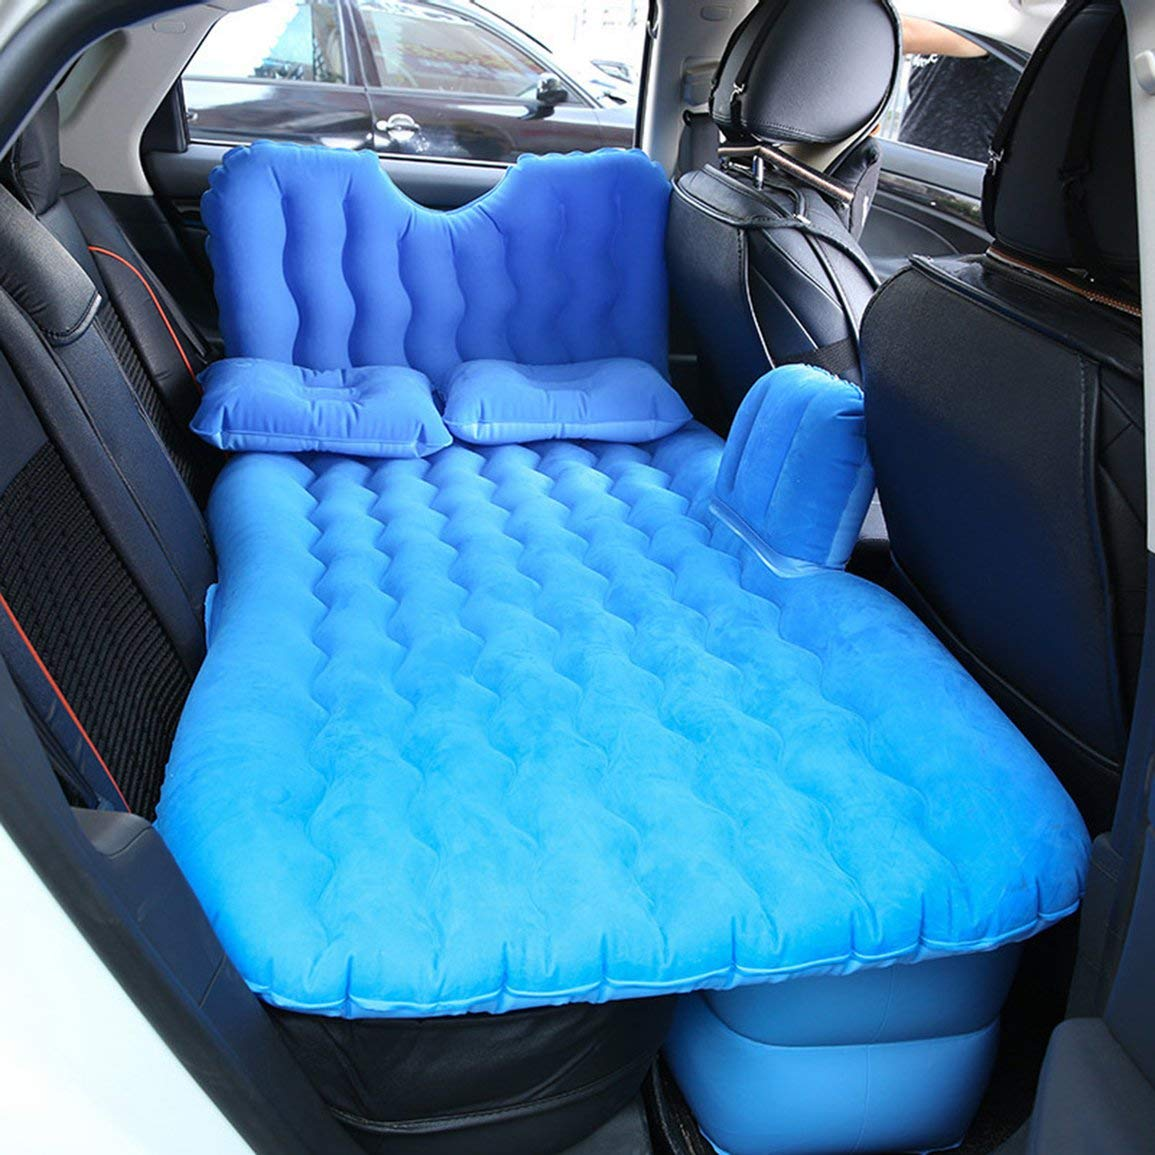 Aire del coche colchón de la cama inflable del recorrido colchón de aire inflable de la cama de coche cama para el automóvil cubierta del asiento trasero inflable del amortiguador del sofá